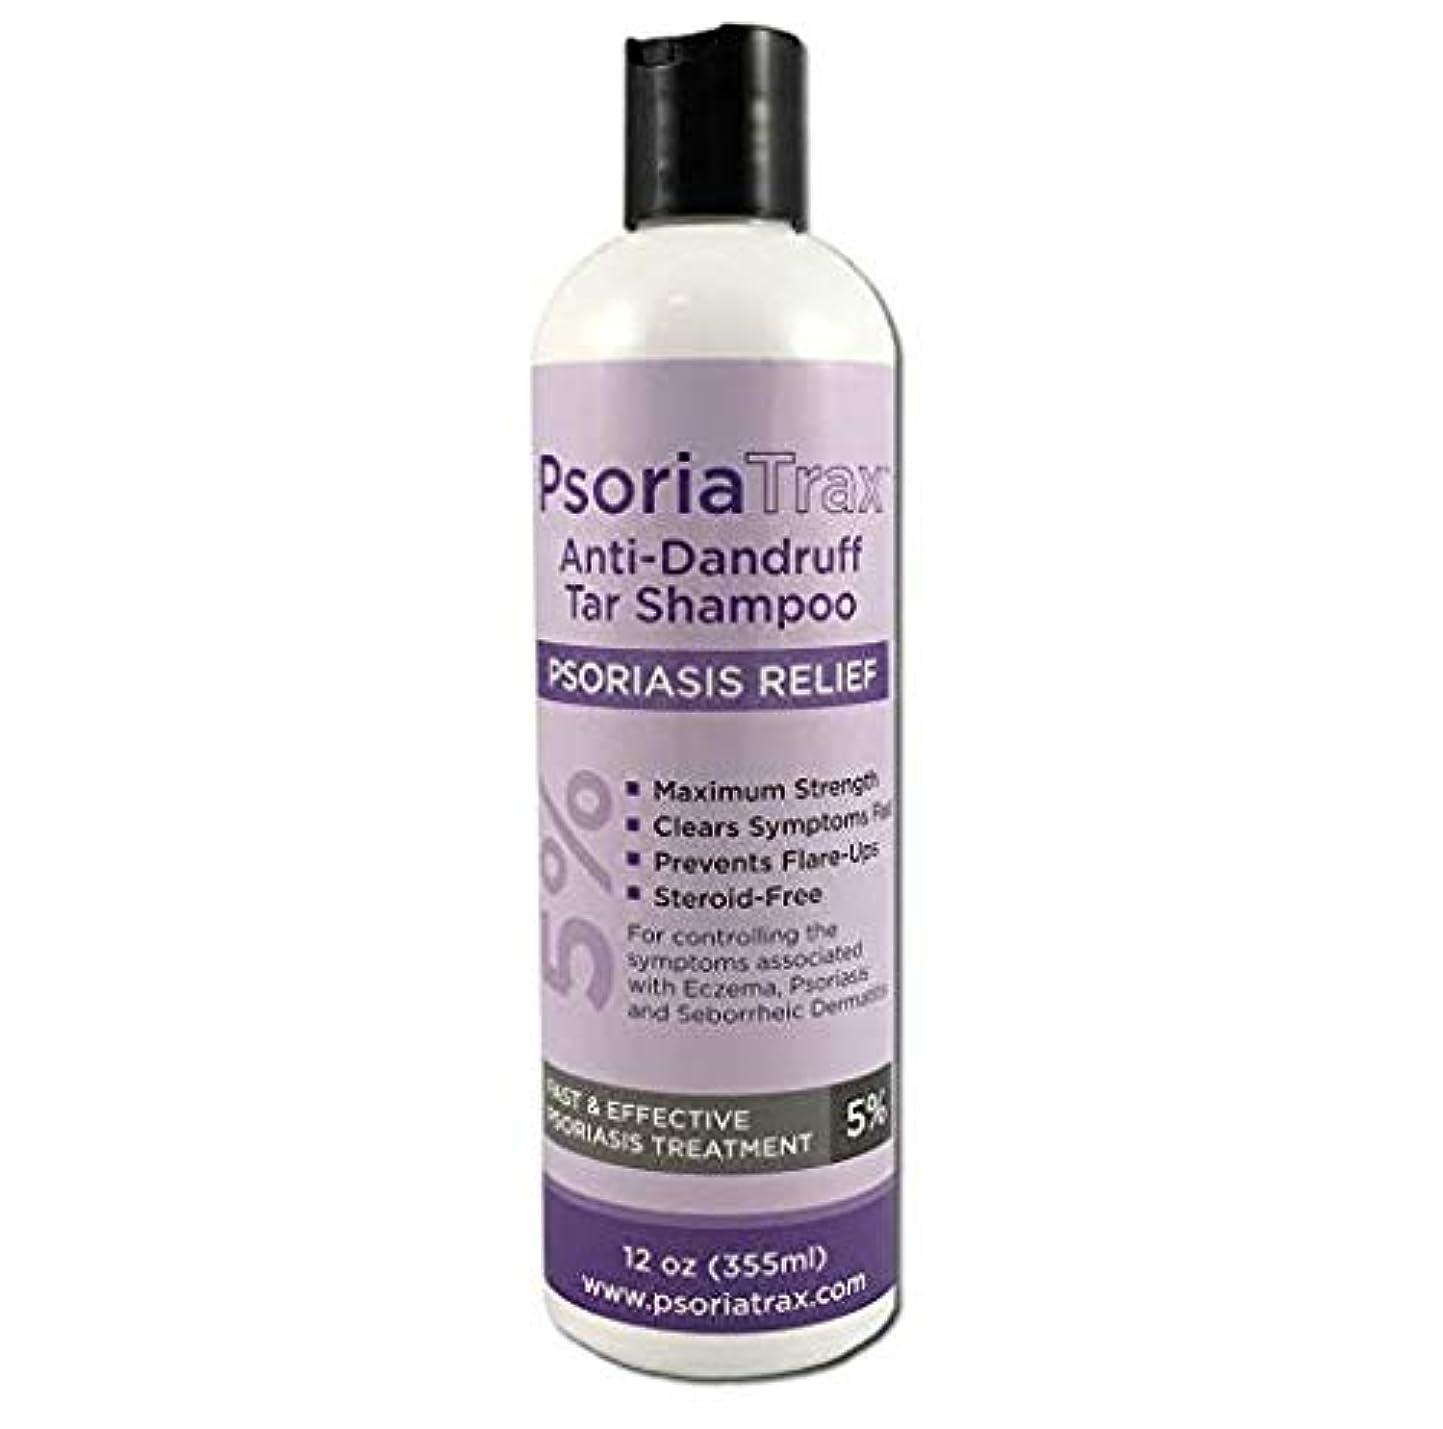 ロッカー持つ扇動する5%コールタール含有 かん癬用シャンプー Coal Tar Psoriasis Shampoo Psoriatrax 25% Coal Tar Solution 12oz Bottles- Psoriasis - Equivalent to 5% Coal Tar (1 Bottle)